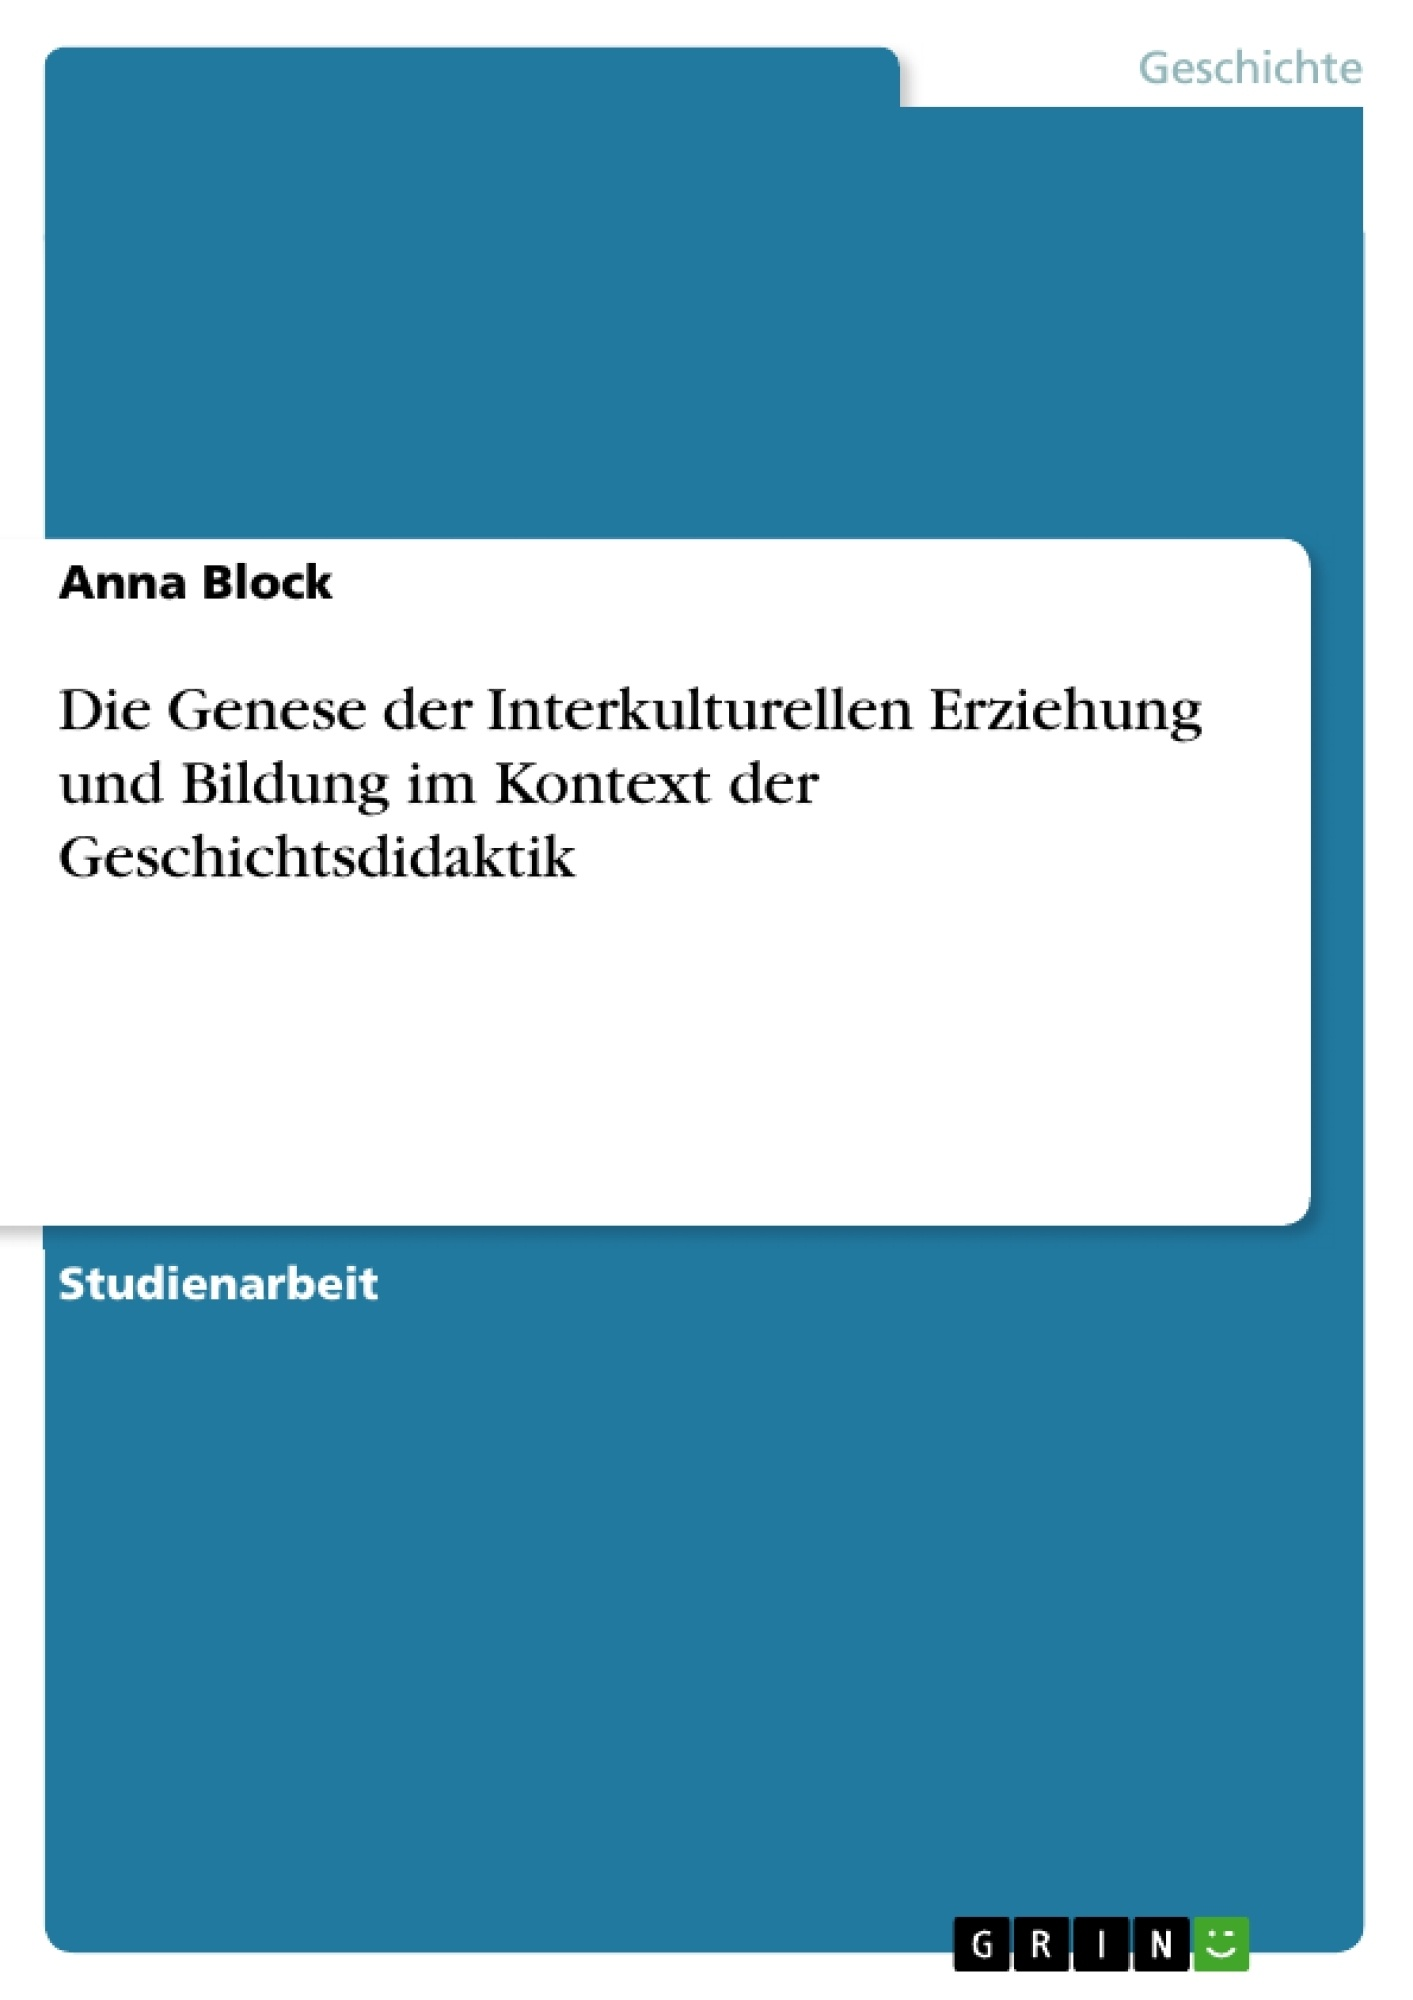 Titel: Die Genese der Interkulturellen Erziehung und Bildung im Kontext der Geschichtsdidaktik